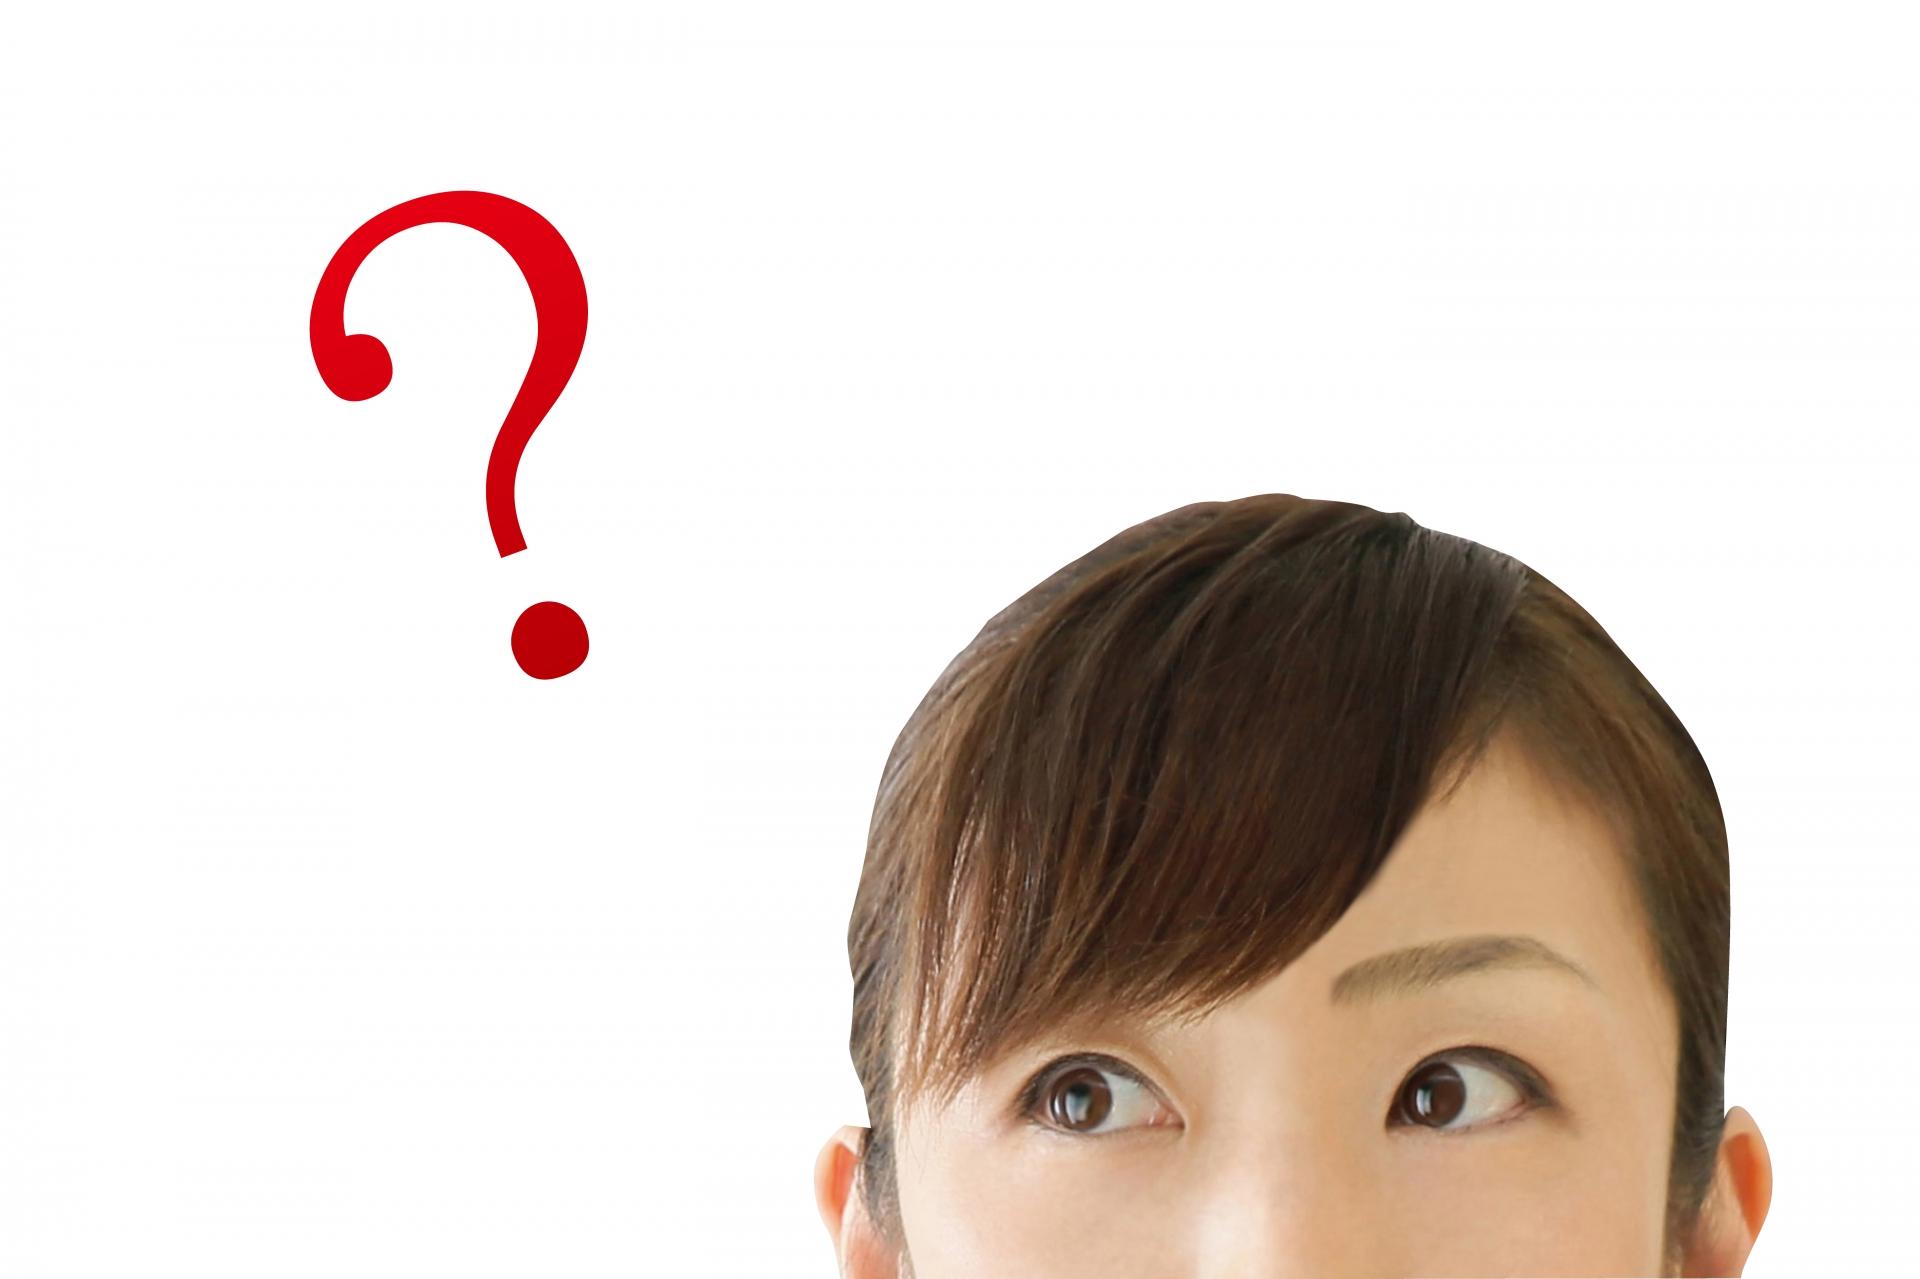 マンション管理会社にあるとおすすめの資格・免許はある?